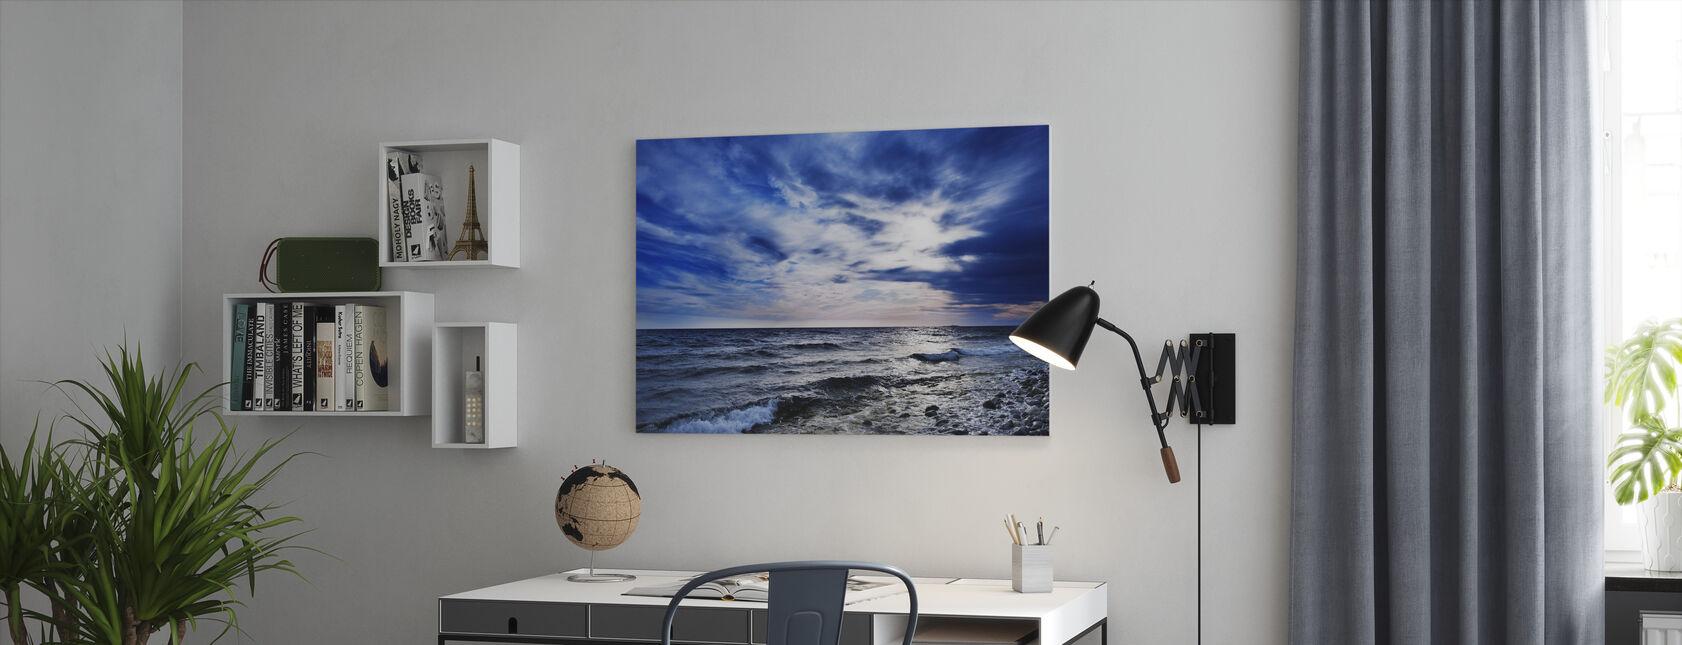 Blue Waves of Torö, Sweden - Canvas print - Office